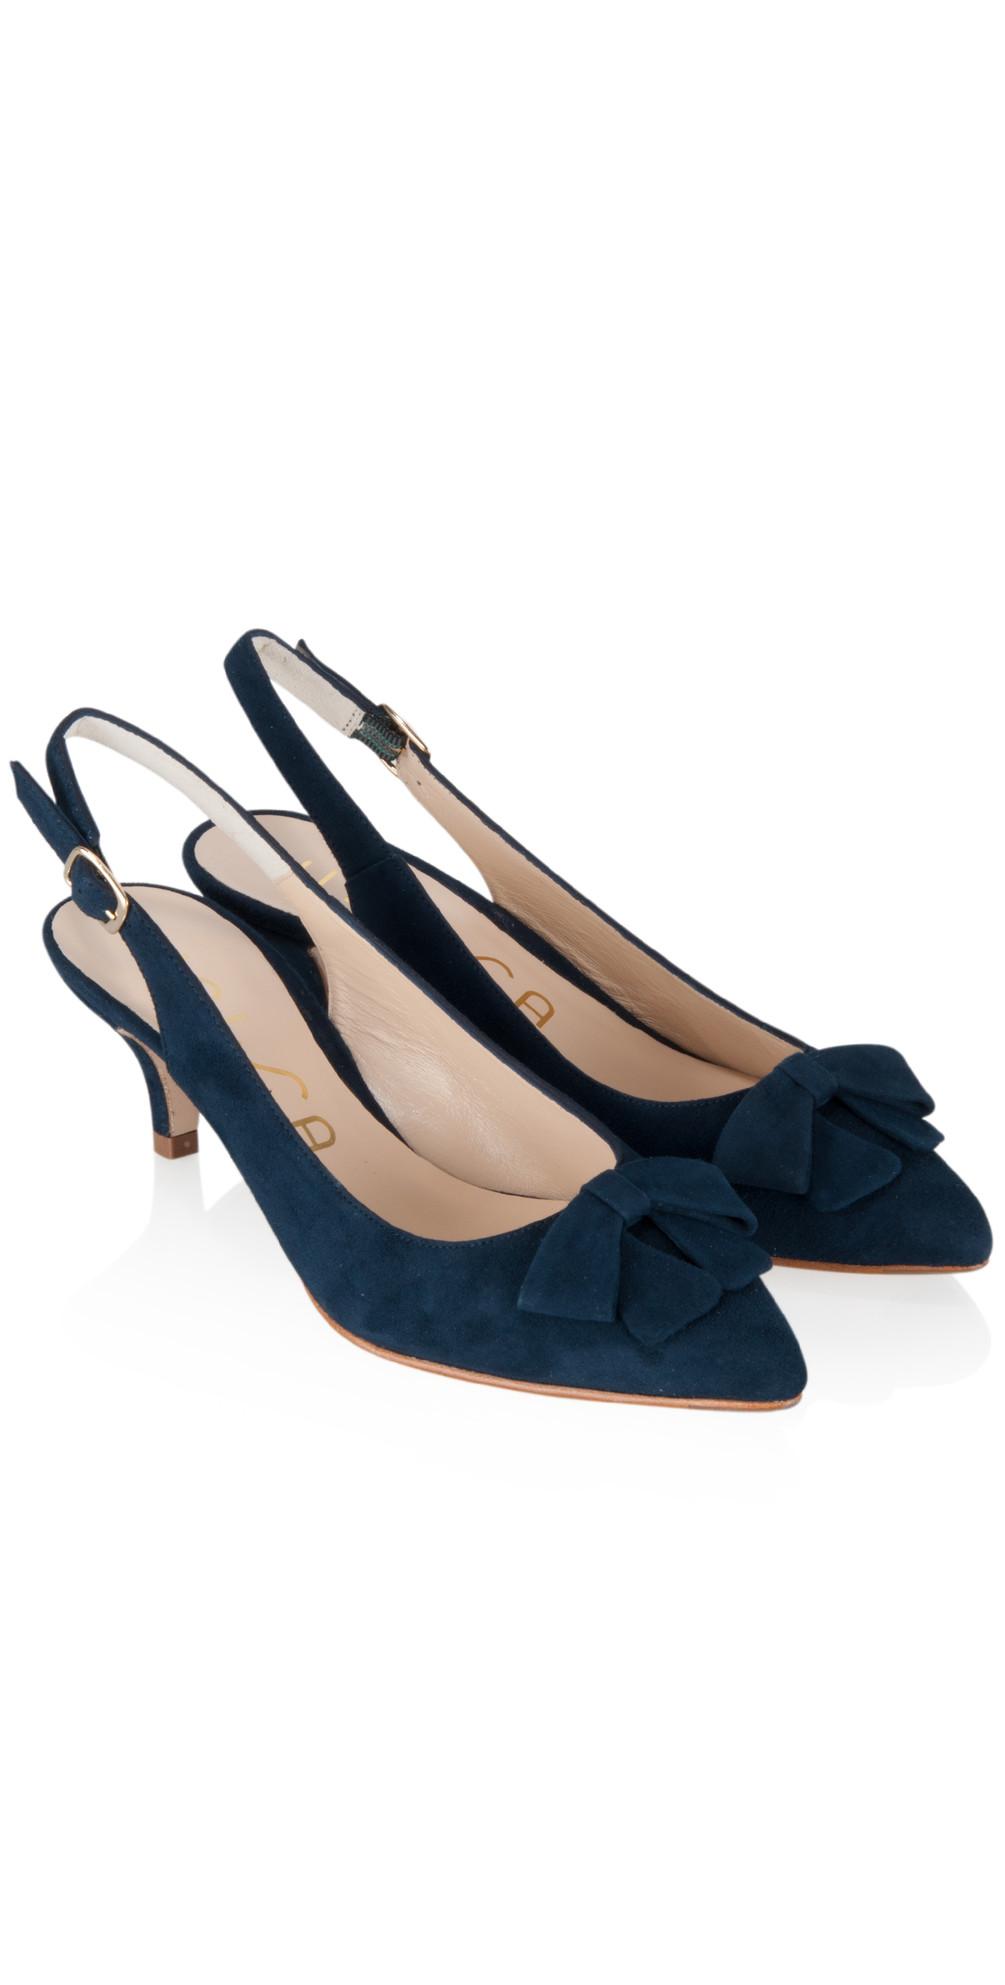 Navy Suede Kitten Heel Shoes